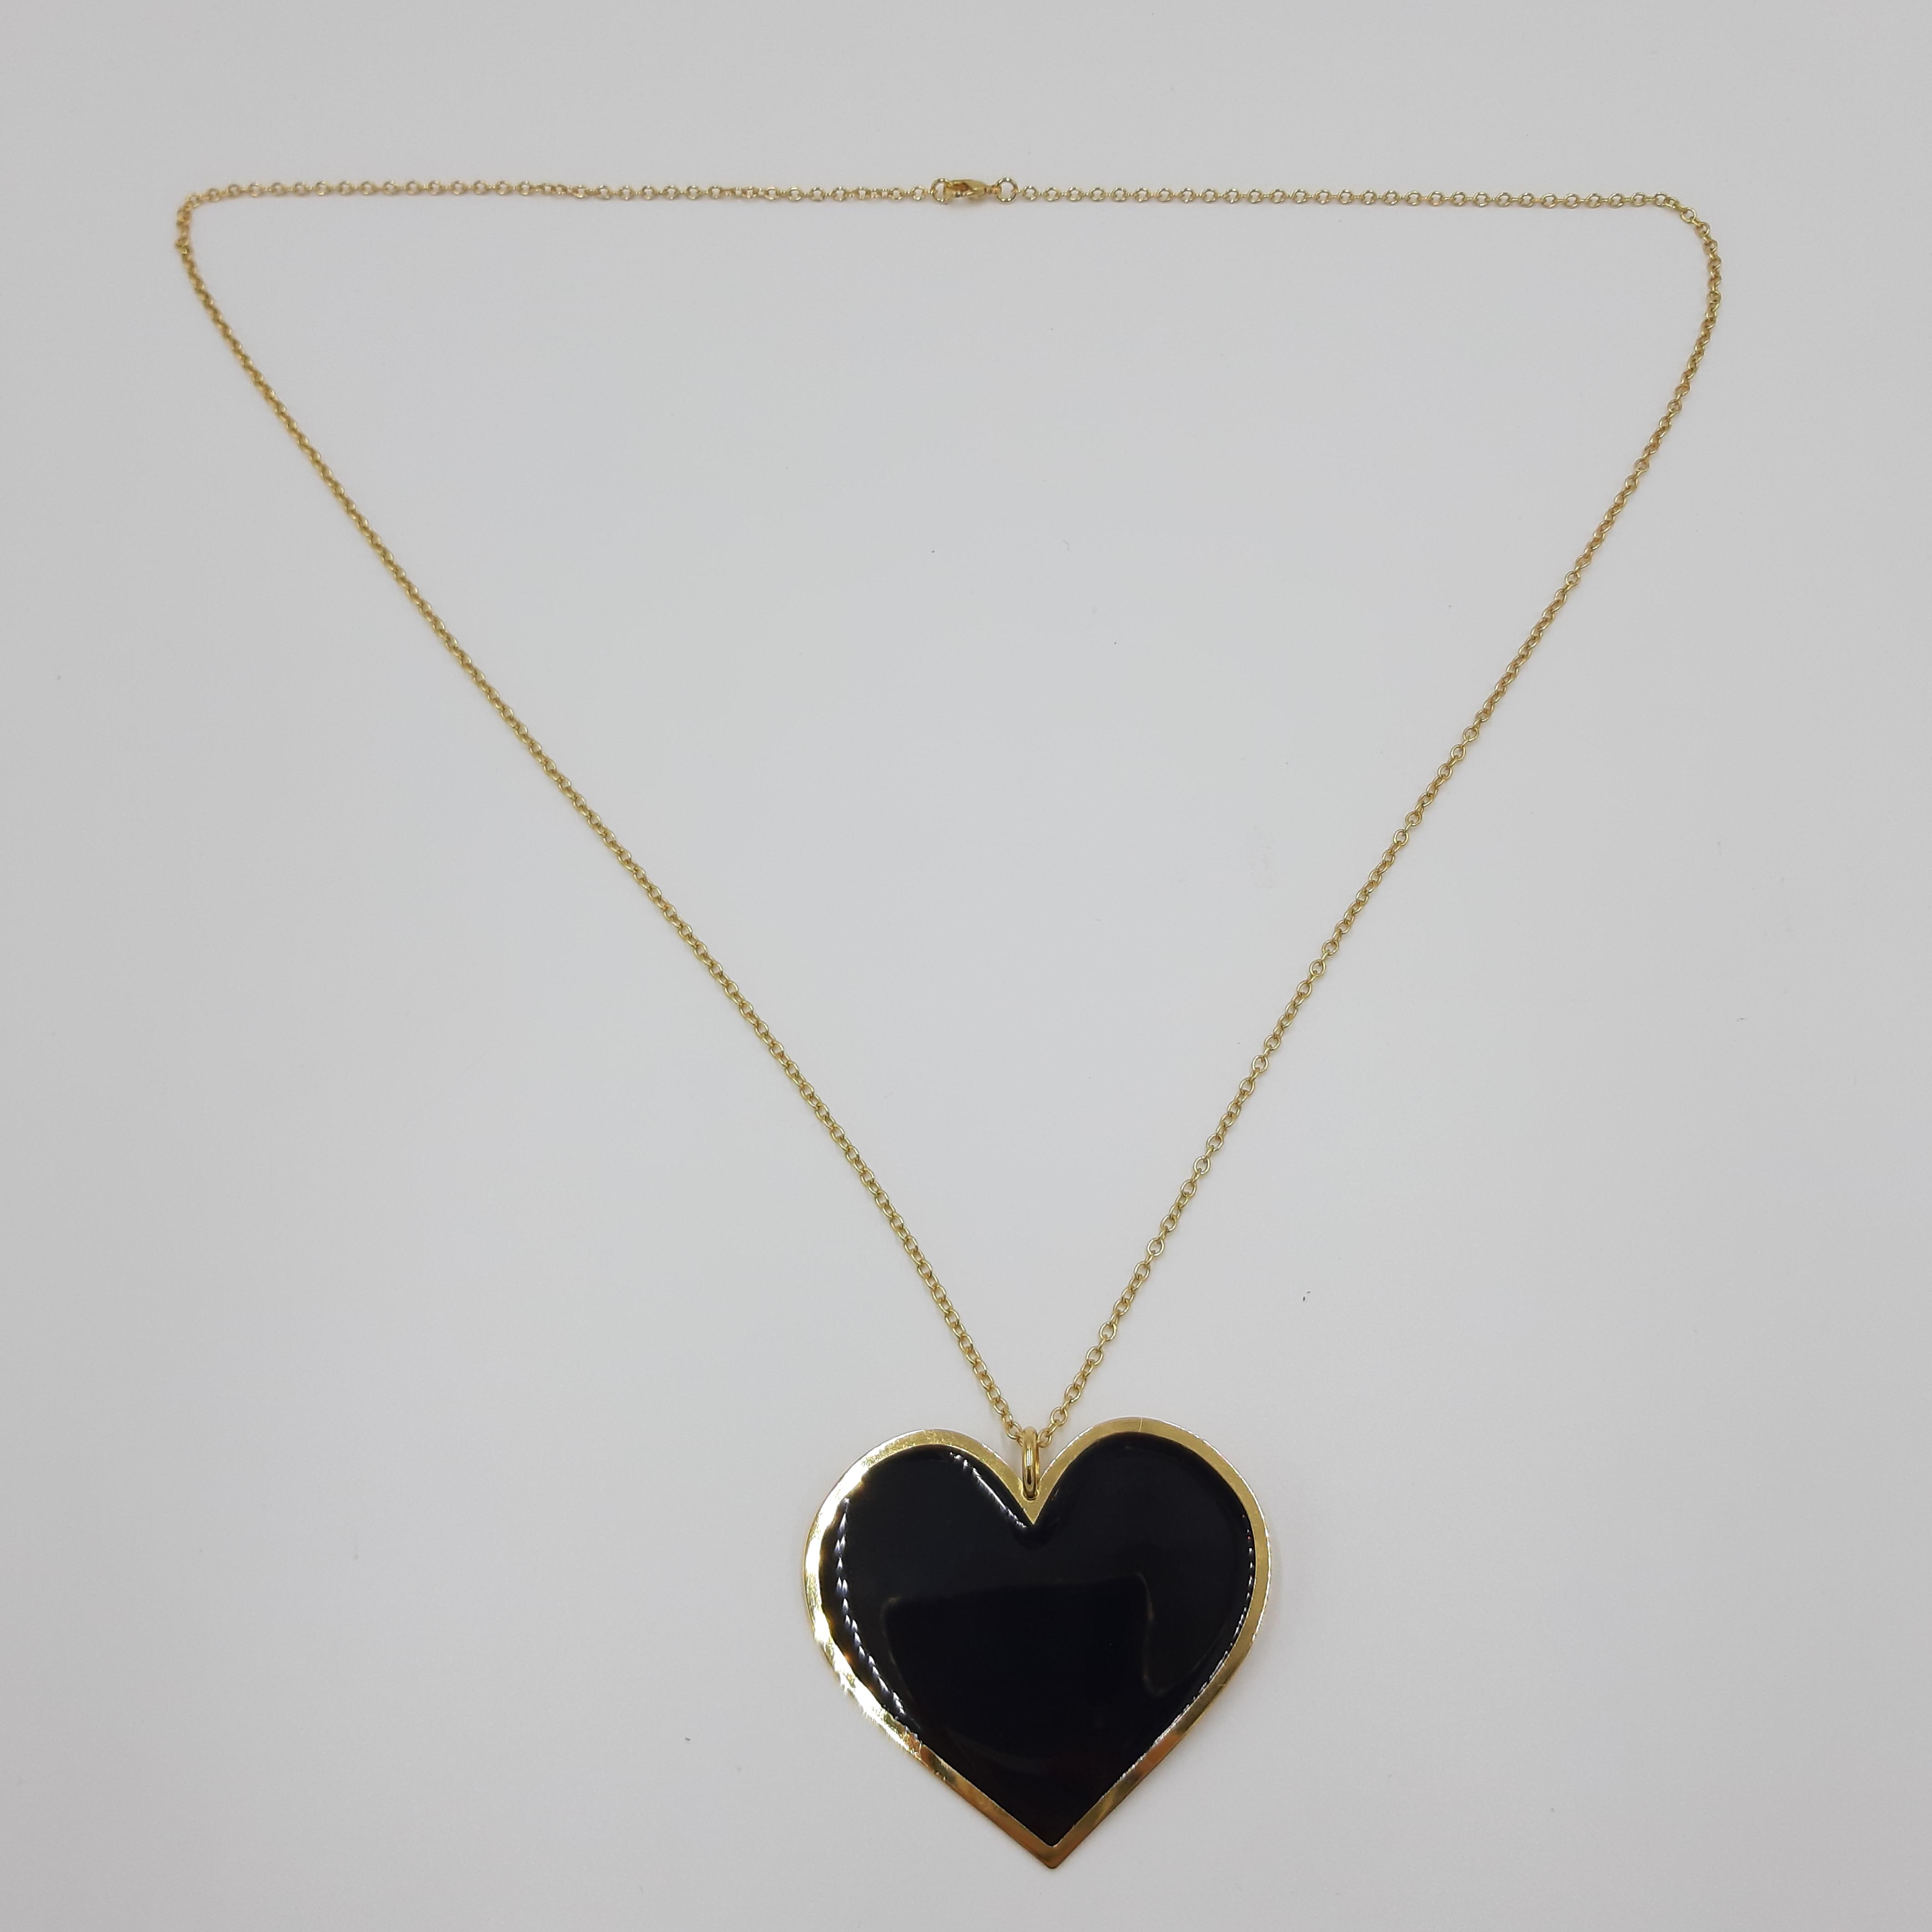 Collana lunga con cuore nero Francesca Bianchi Design